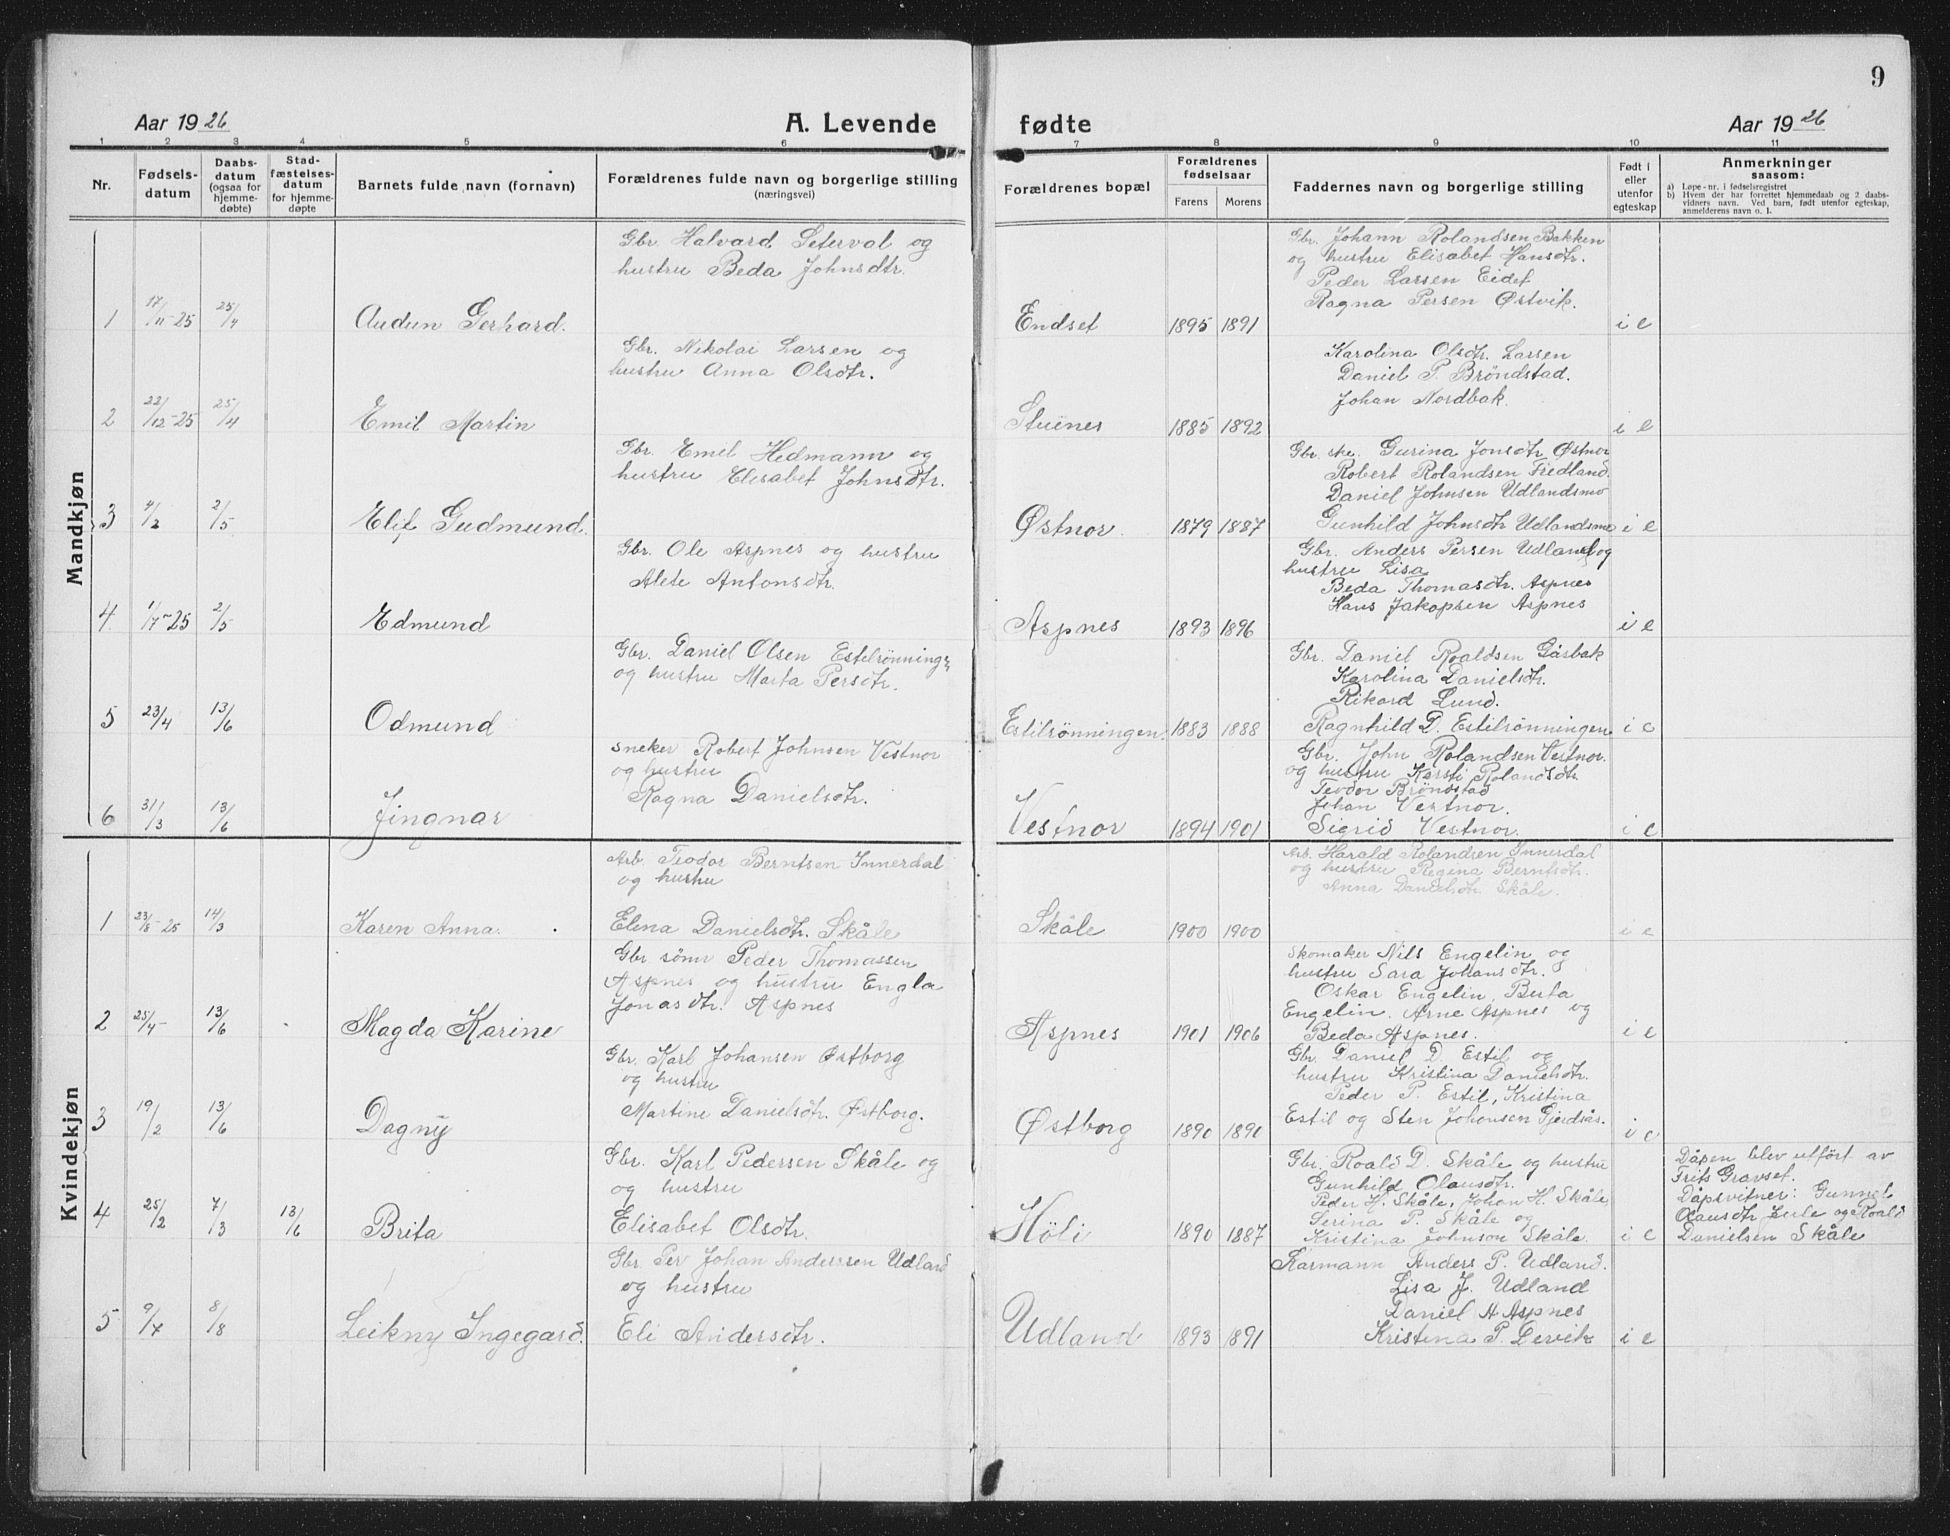 SAT, Ministerialprotokoller, klokkerbøker og fødselsregistre - Nord-Trøndelag, 757/L0507: Klokkerbok nr. 757C02, 1923-1939, s. 9